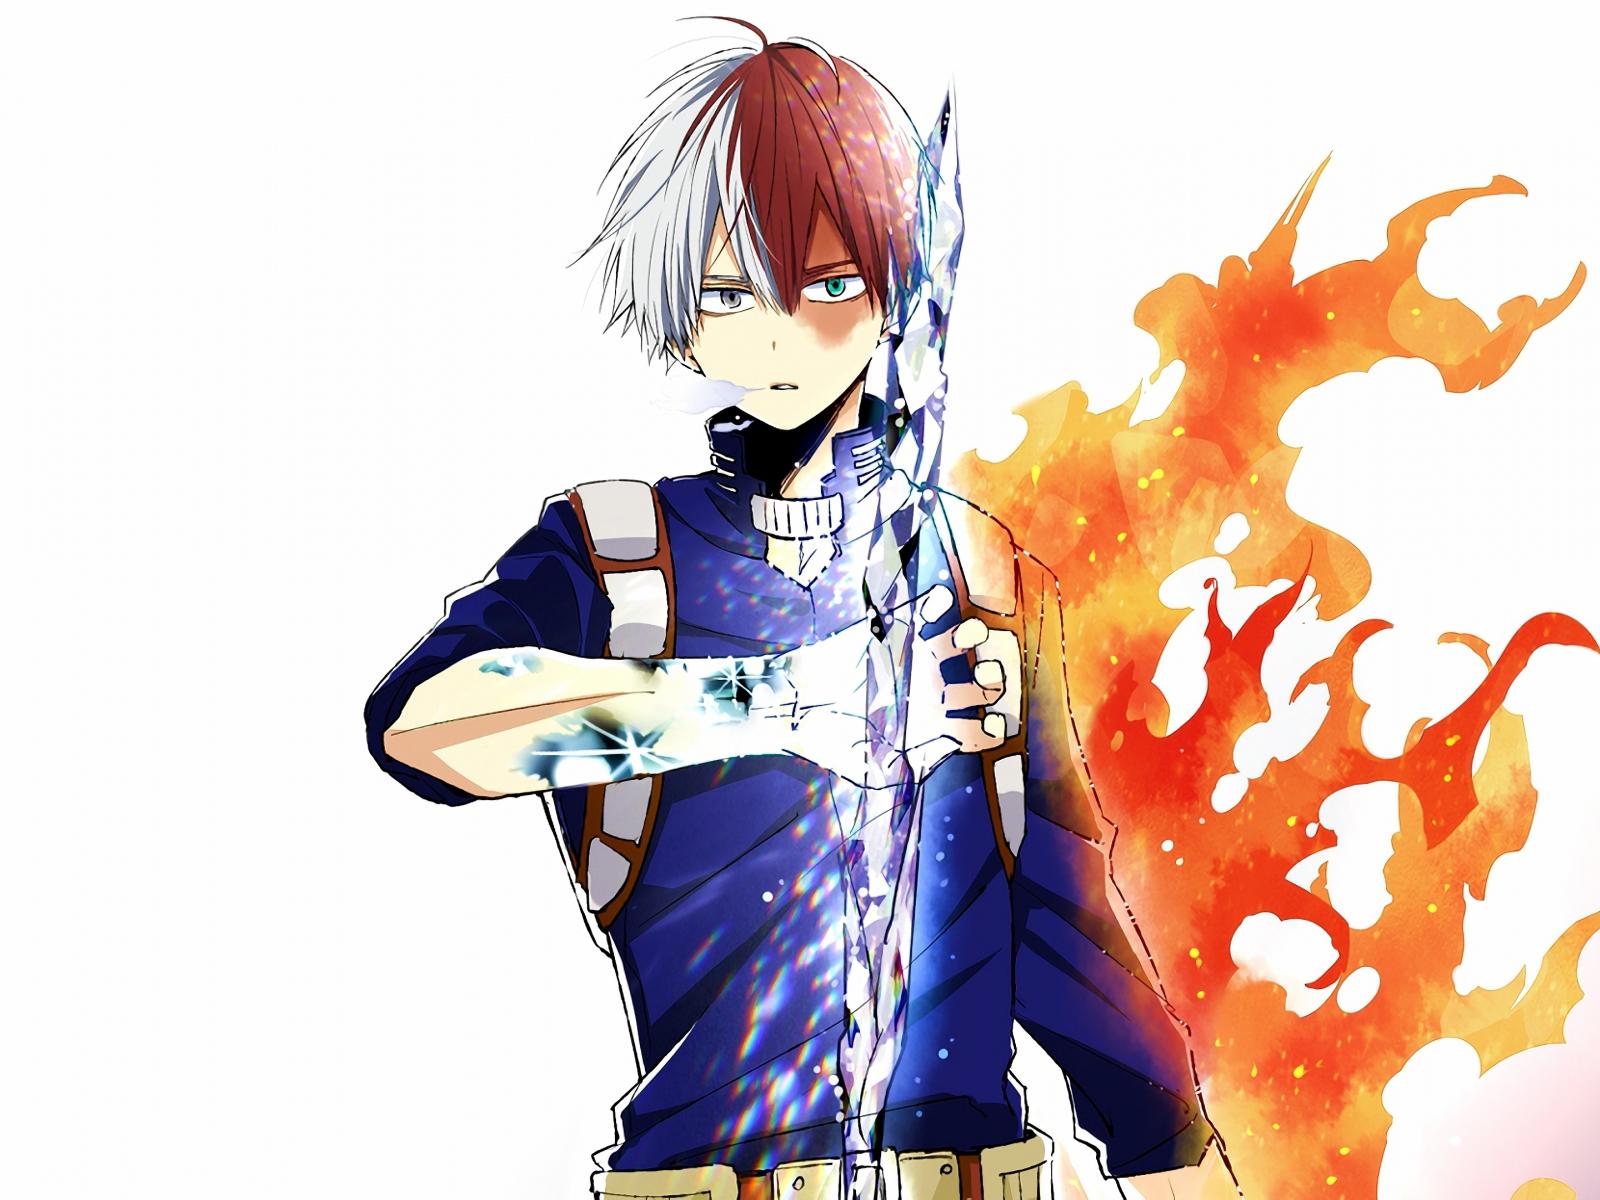 Download 1600x1200 wallpaper anime shouto todoroki ice - Anime 1600x1200 ...